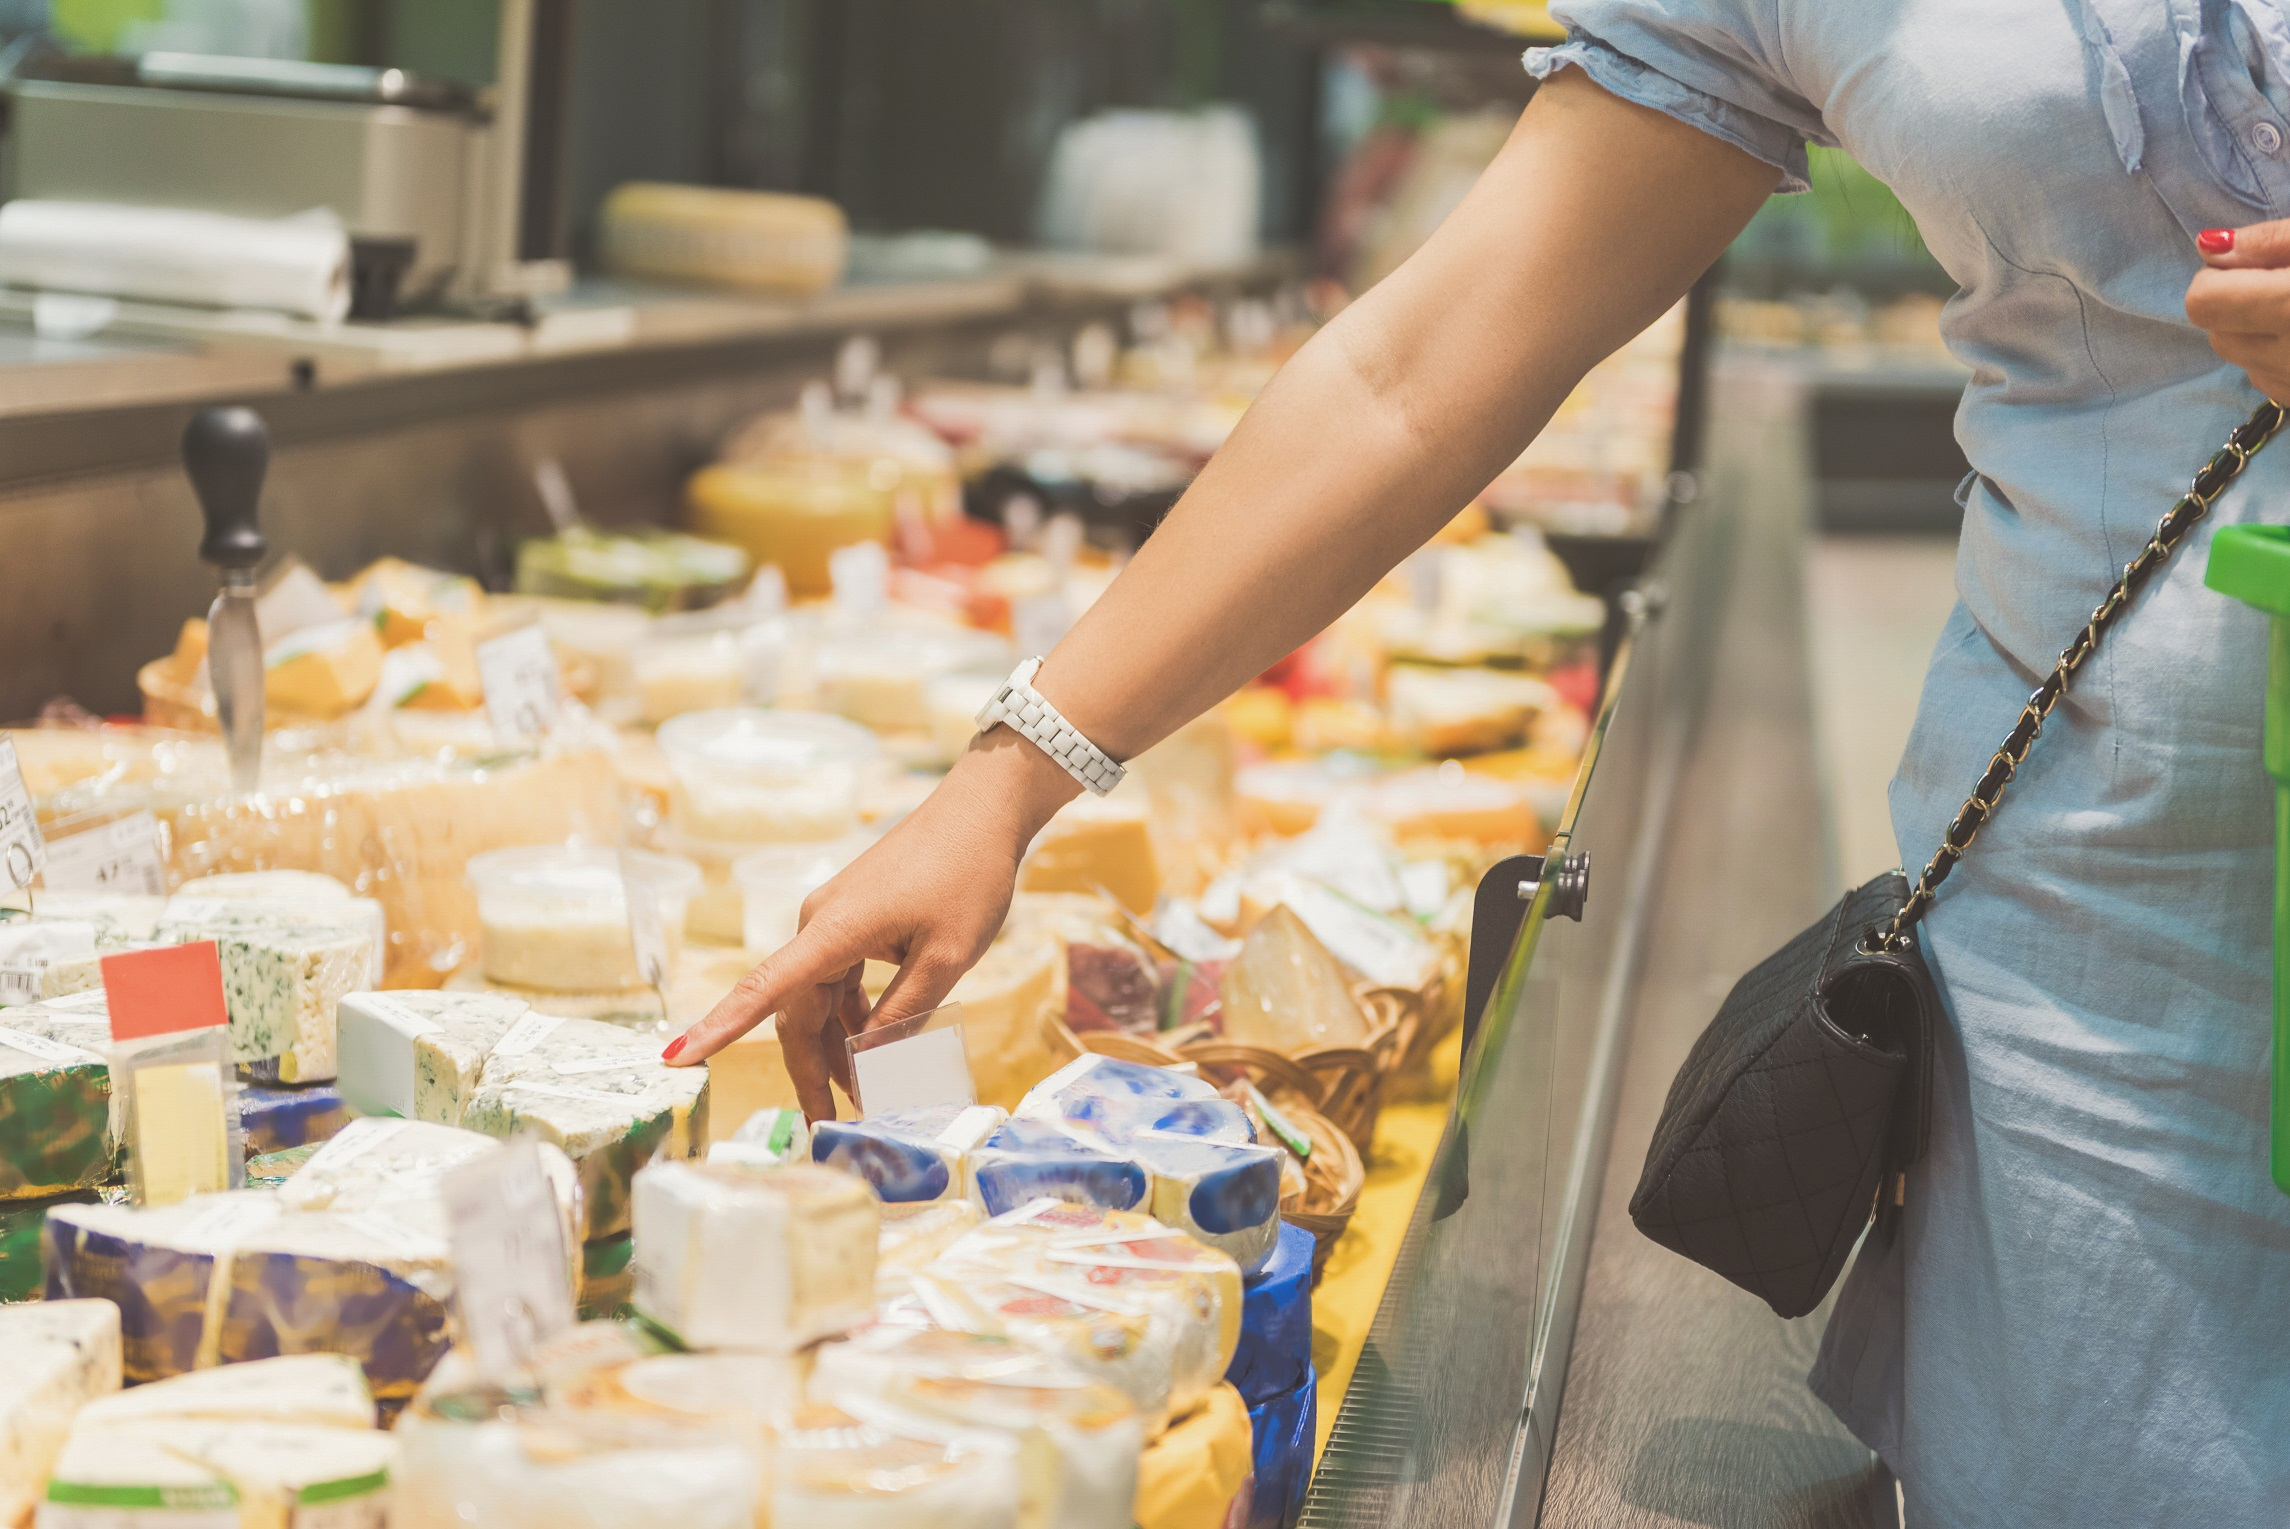 Rückrufaktion: Listerien im Käse aus Bayern entdeckt - Heilpraxisnet.de